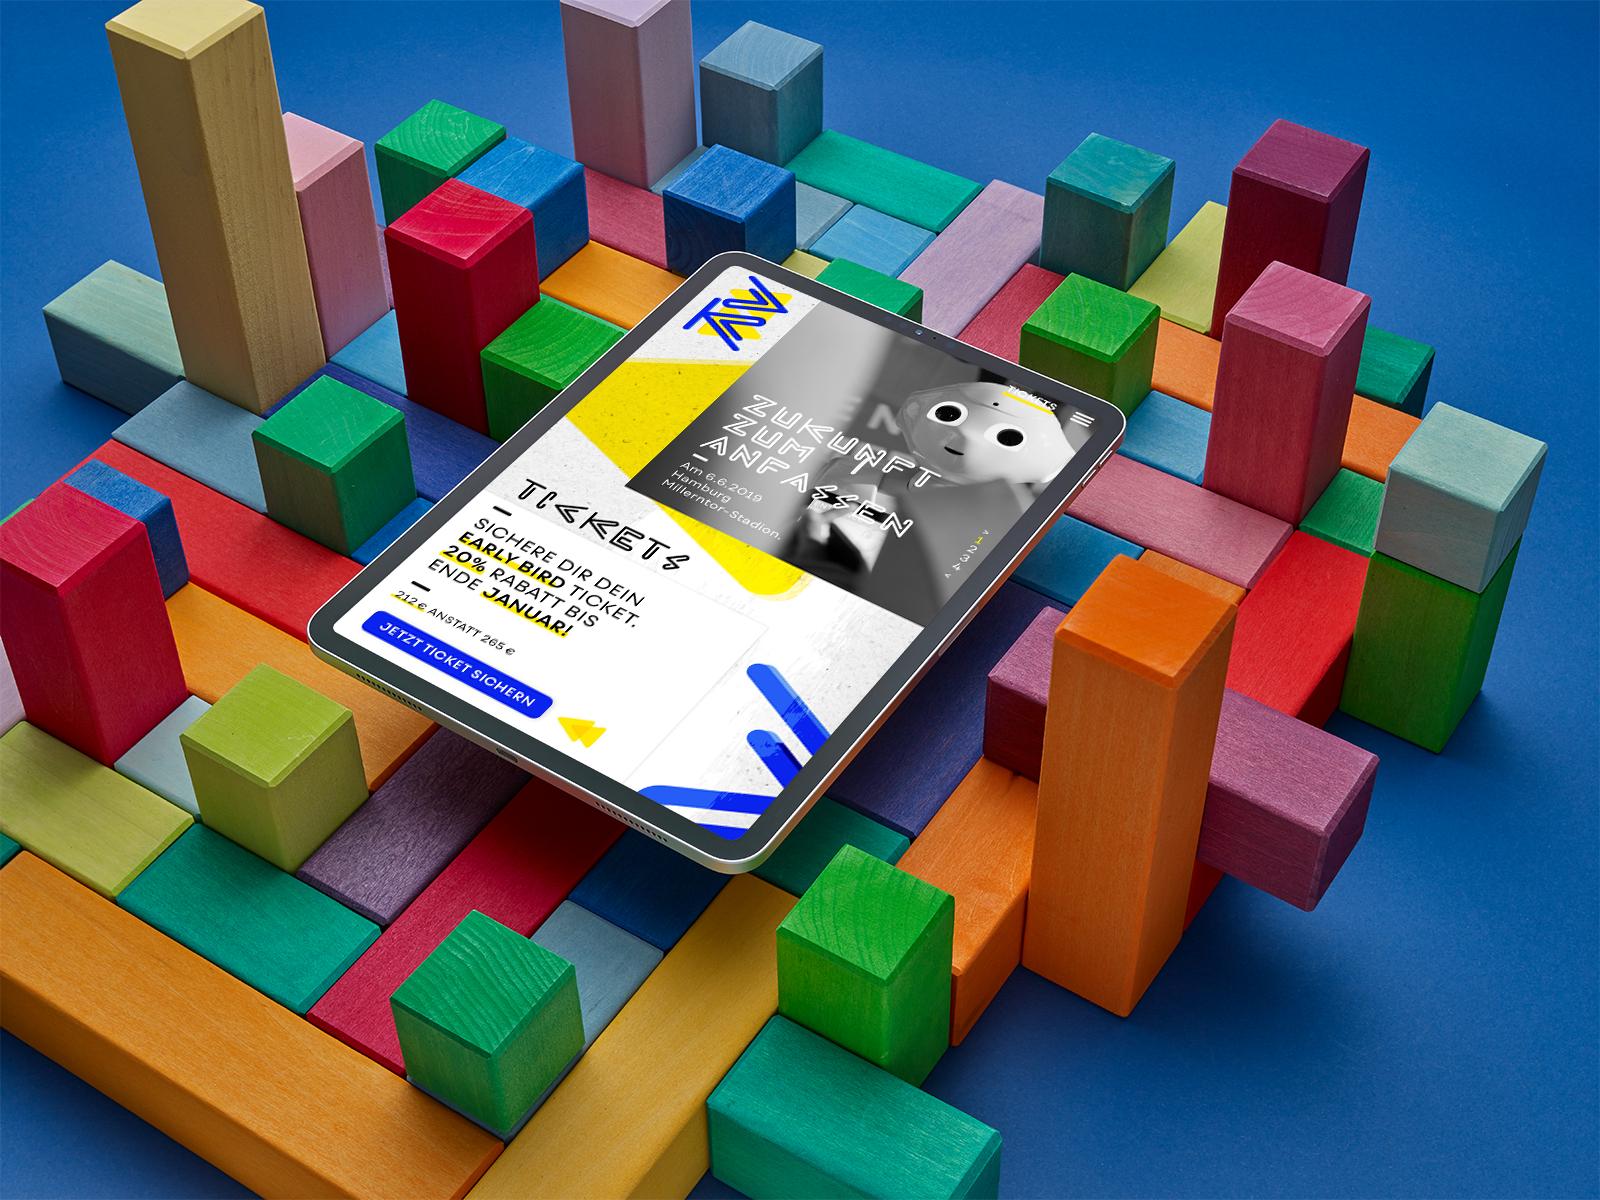 bernd-westphal-stillstars-cases-studio oeding-digitaler-kindergarten-still-life-photography 001